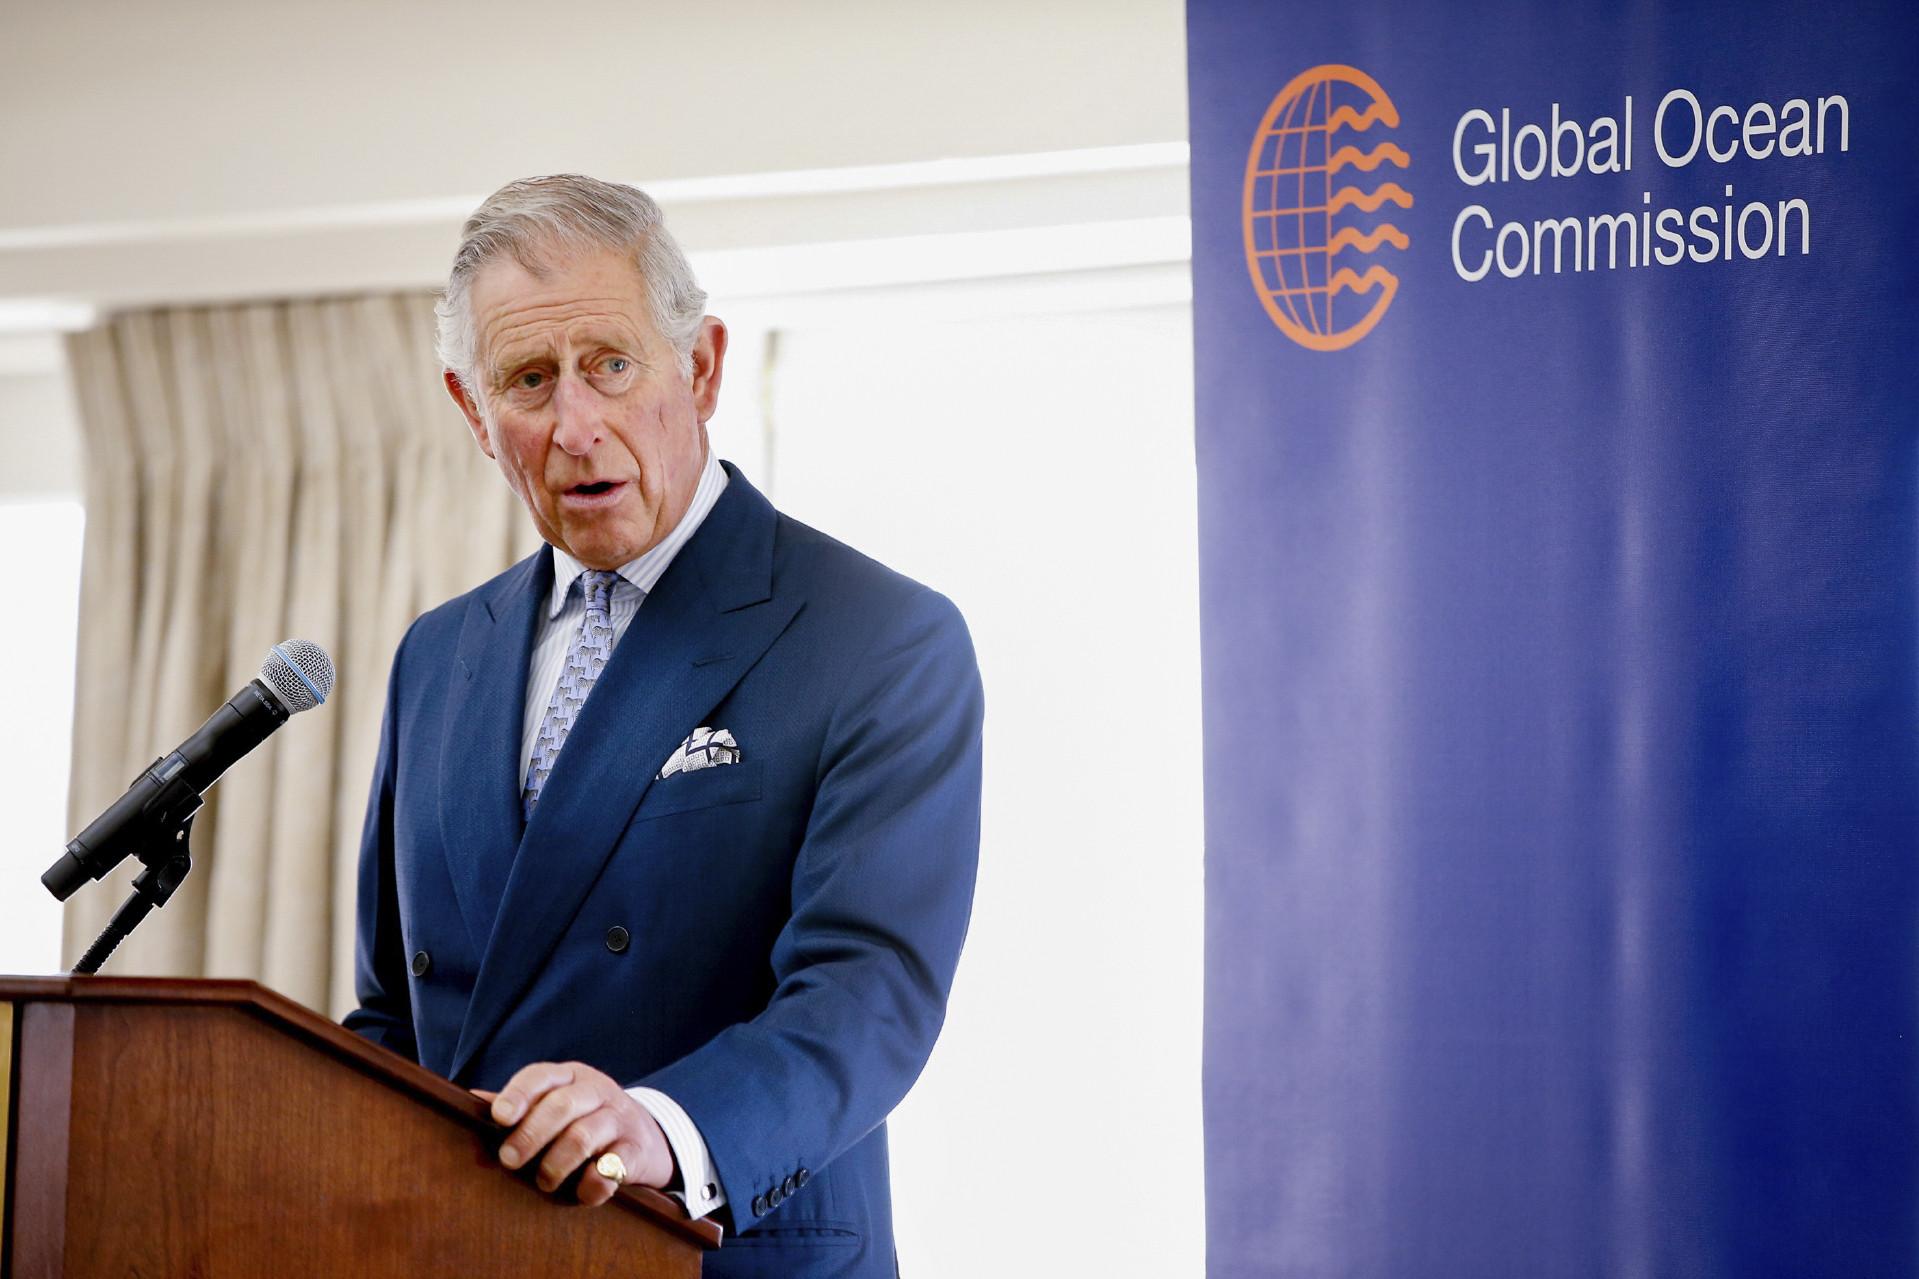 Принц Чарльз выступает на конференции 18 марта